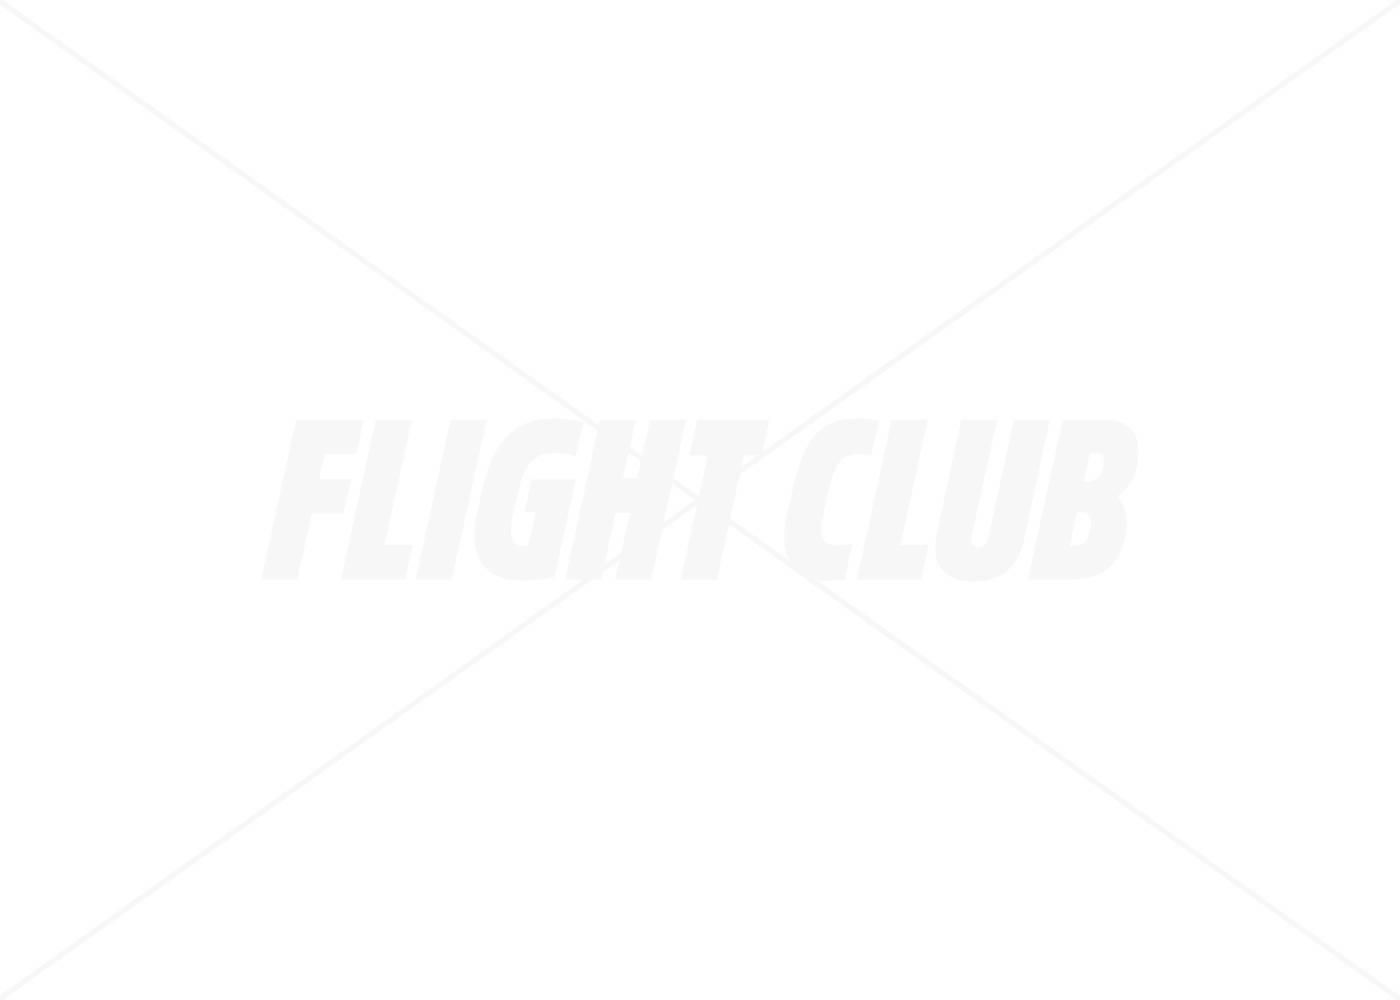 0a64717f442973 flight club customer service